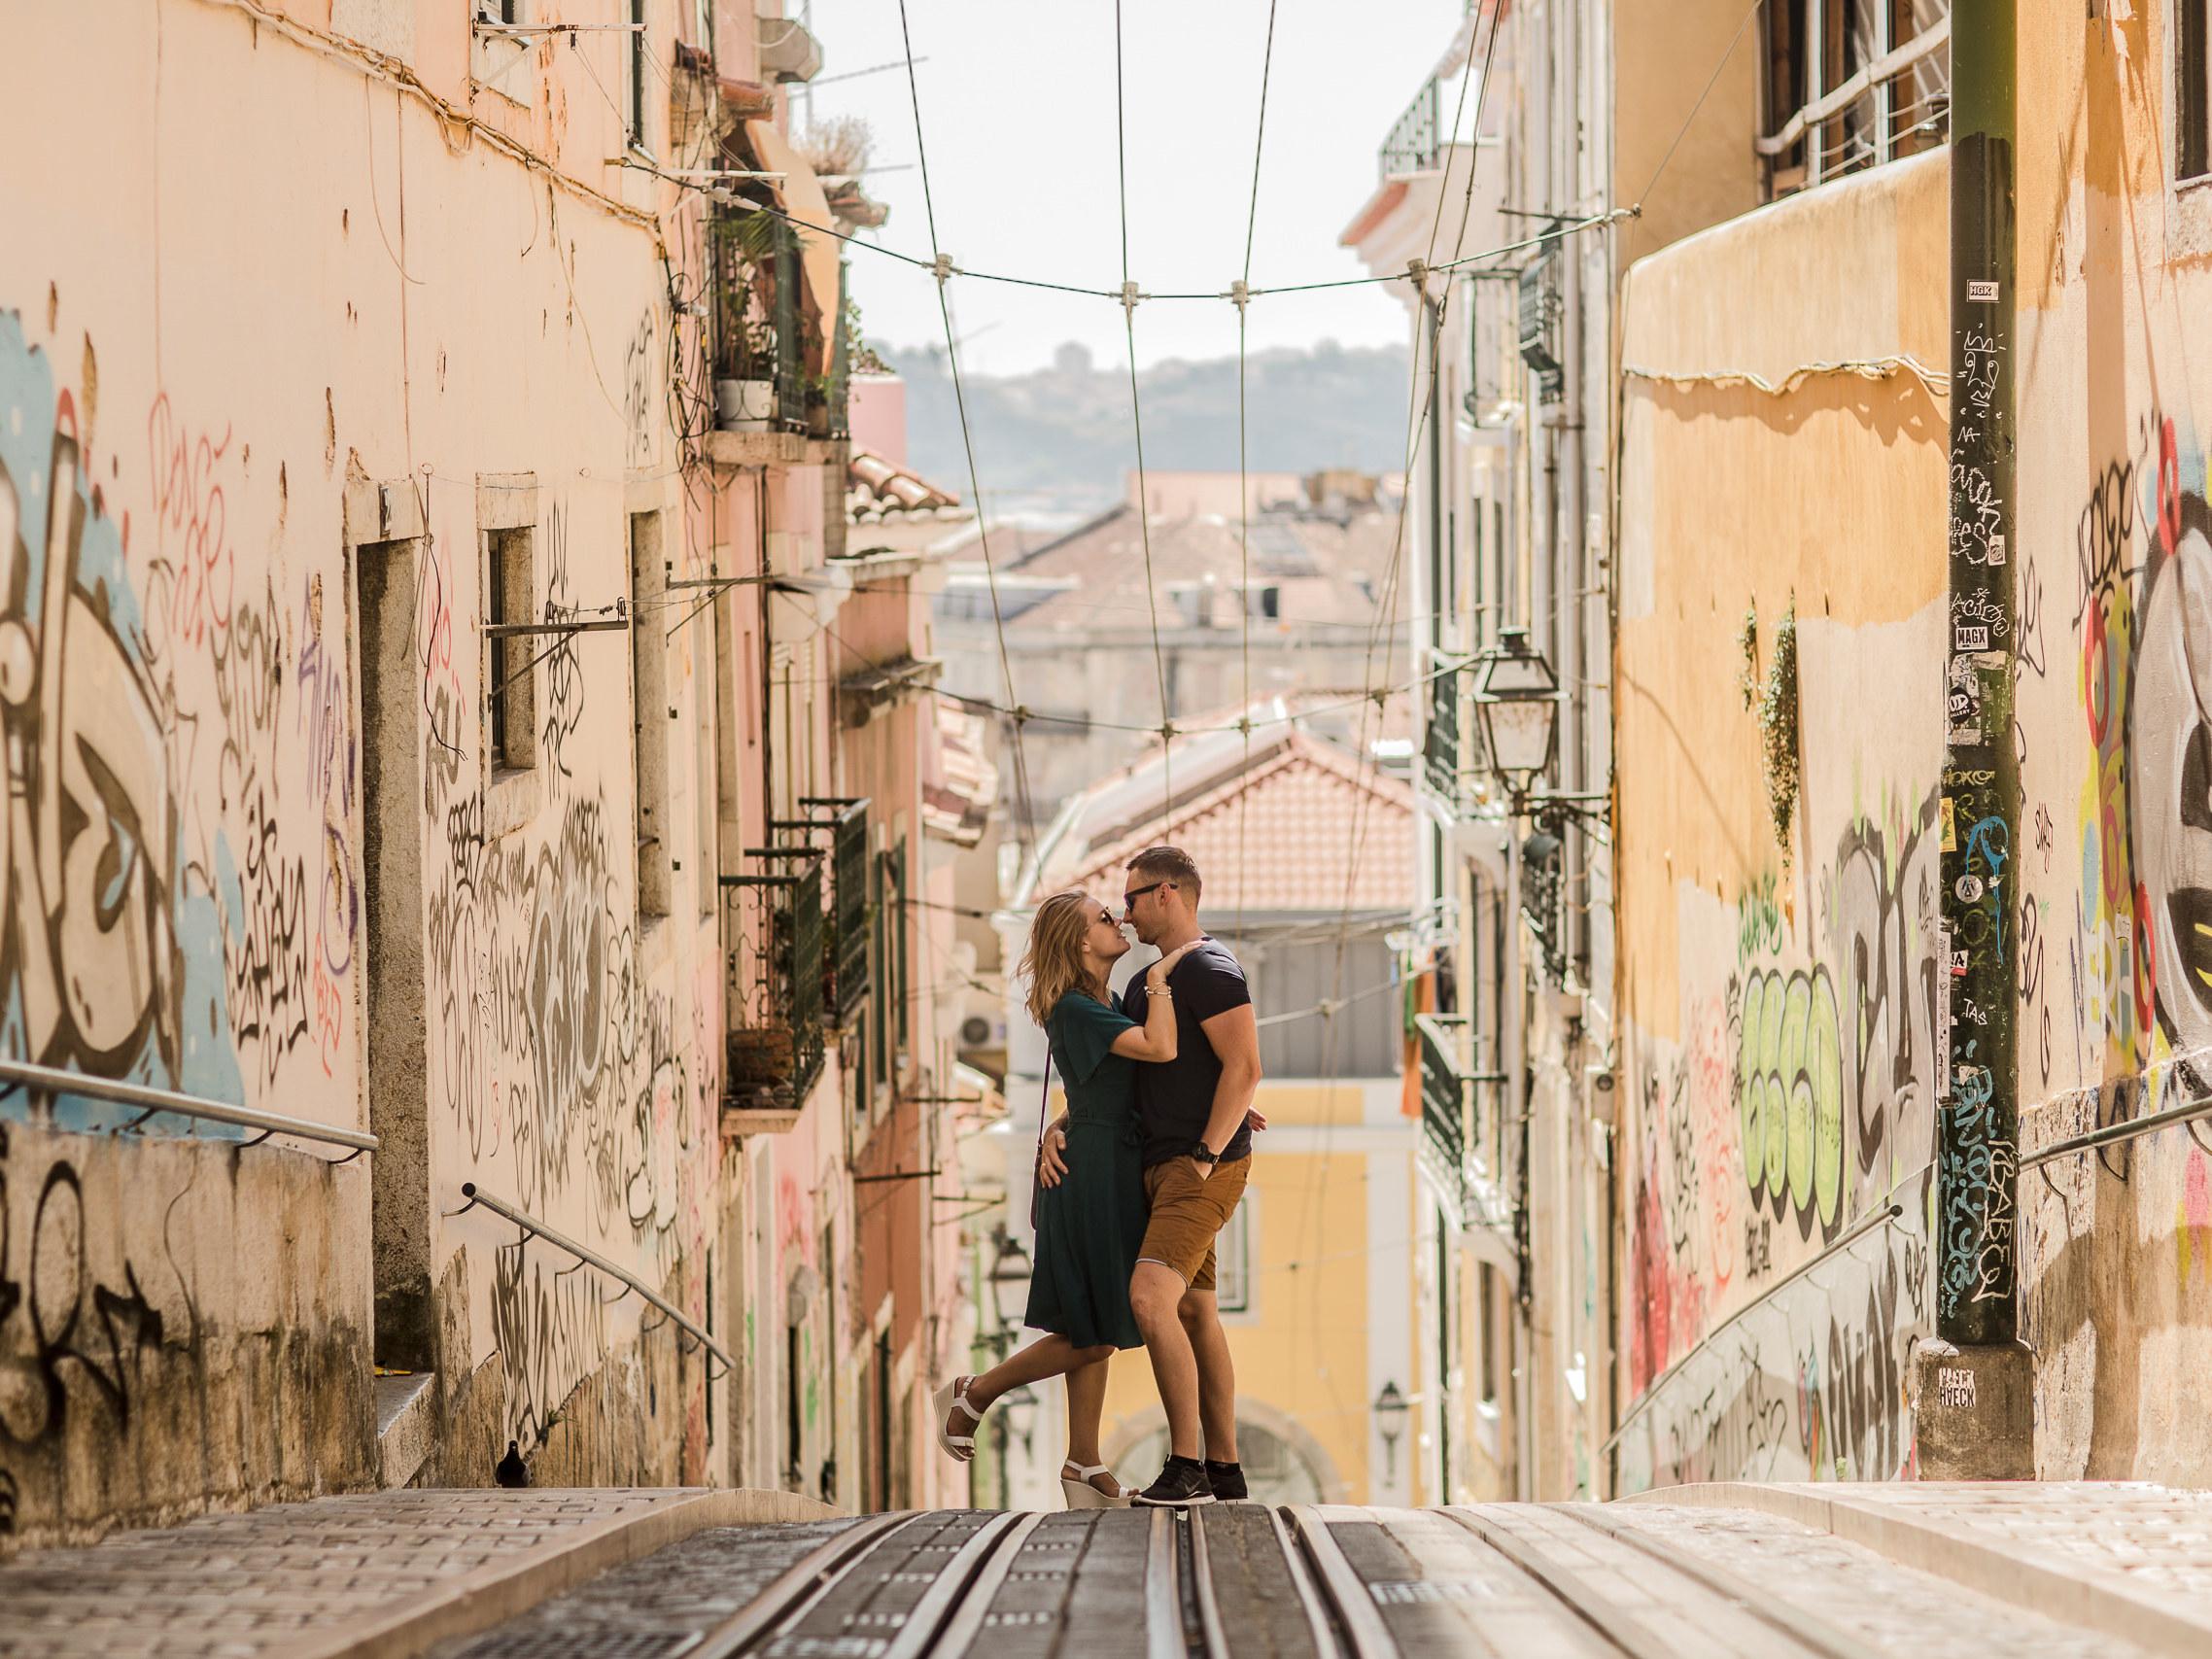 sesja narzeczeńska za granicą Lizbona